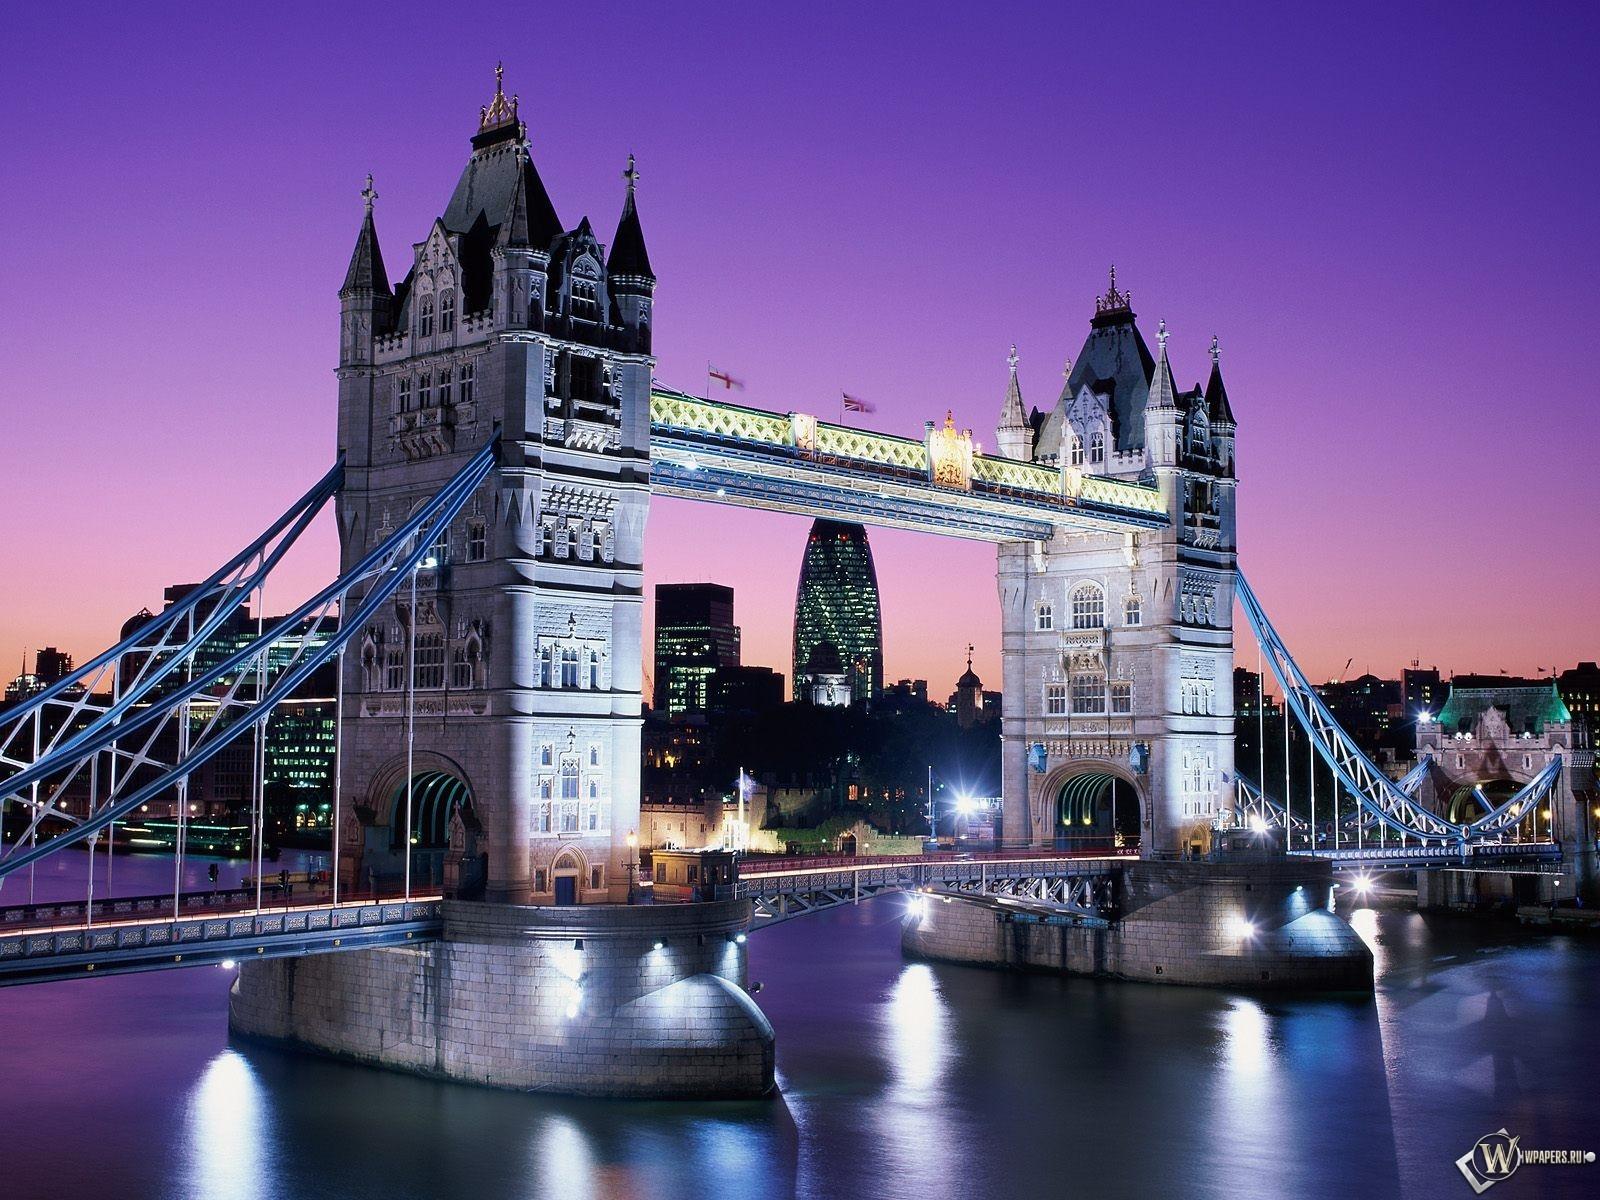 параметры мосты лондона фото с названиями положенные полярки северянин